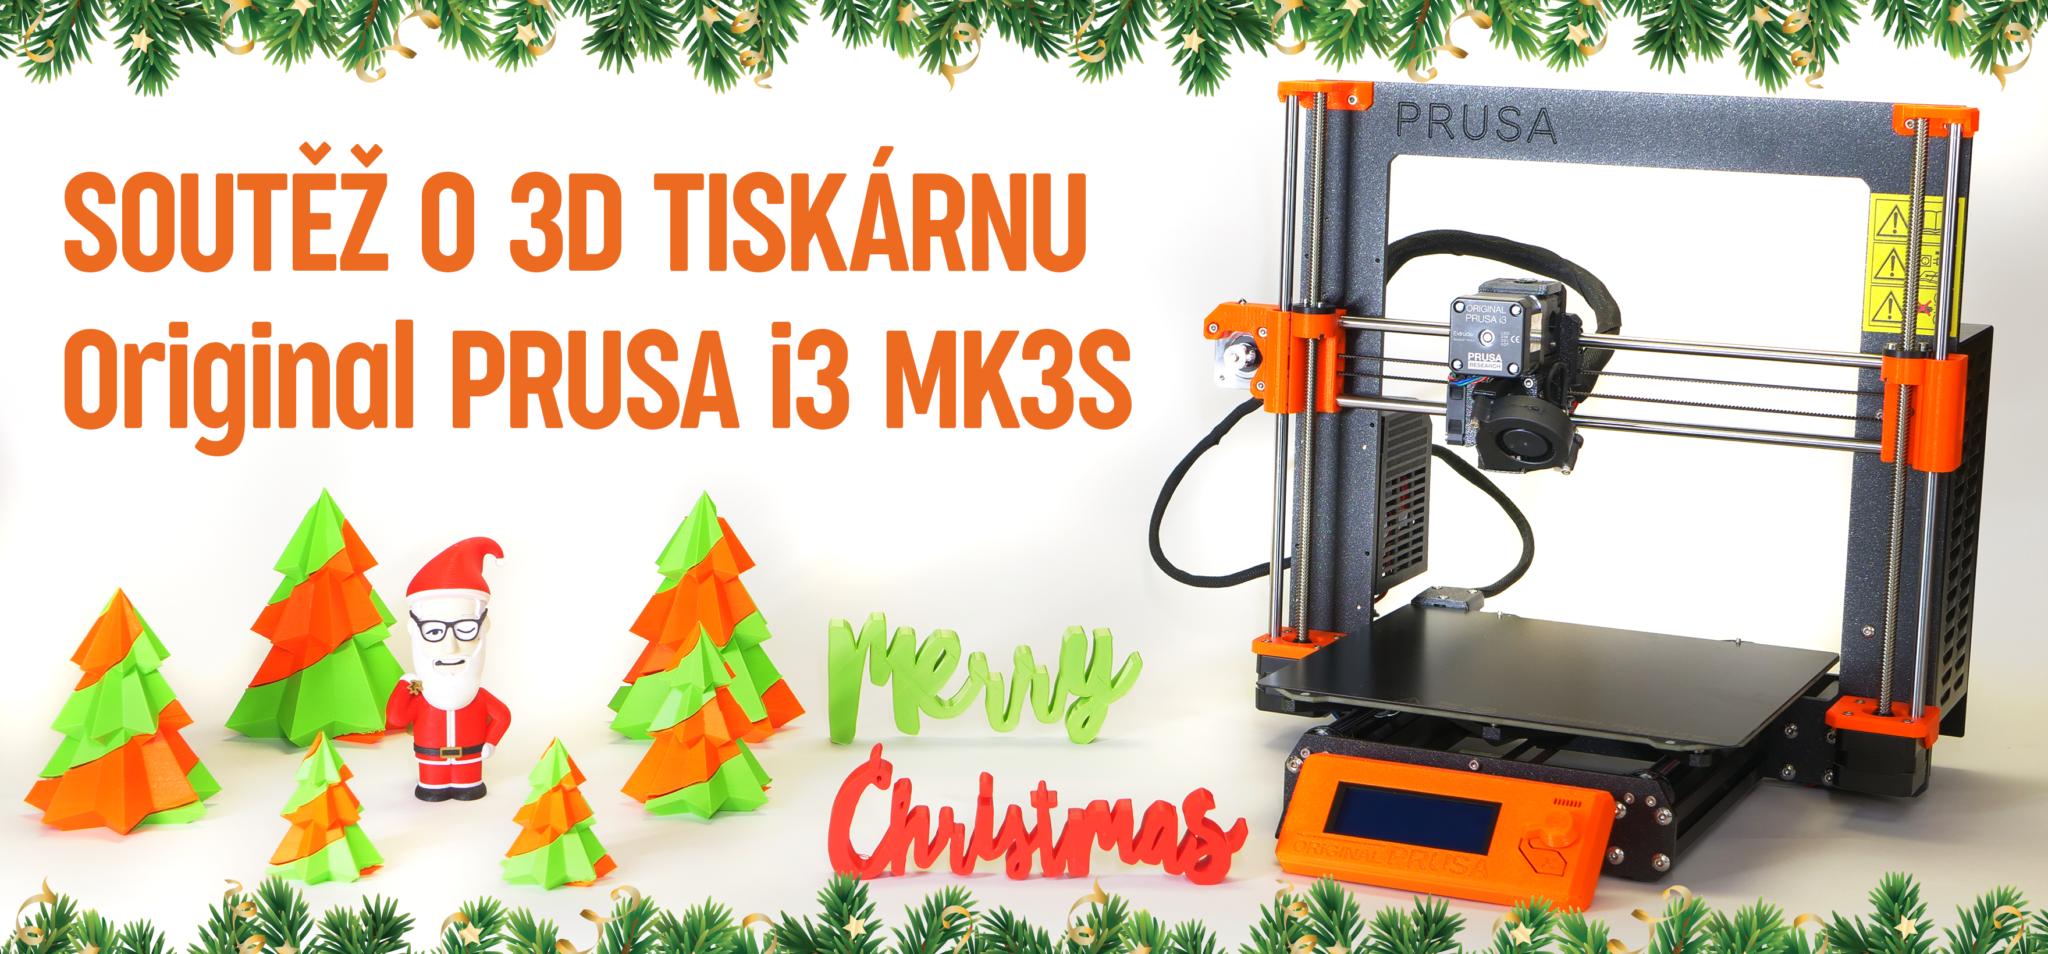 Vyhrajte tiskárnu Original Prusa i3 MK3S ve vánoční designerské soutěži!